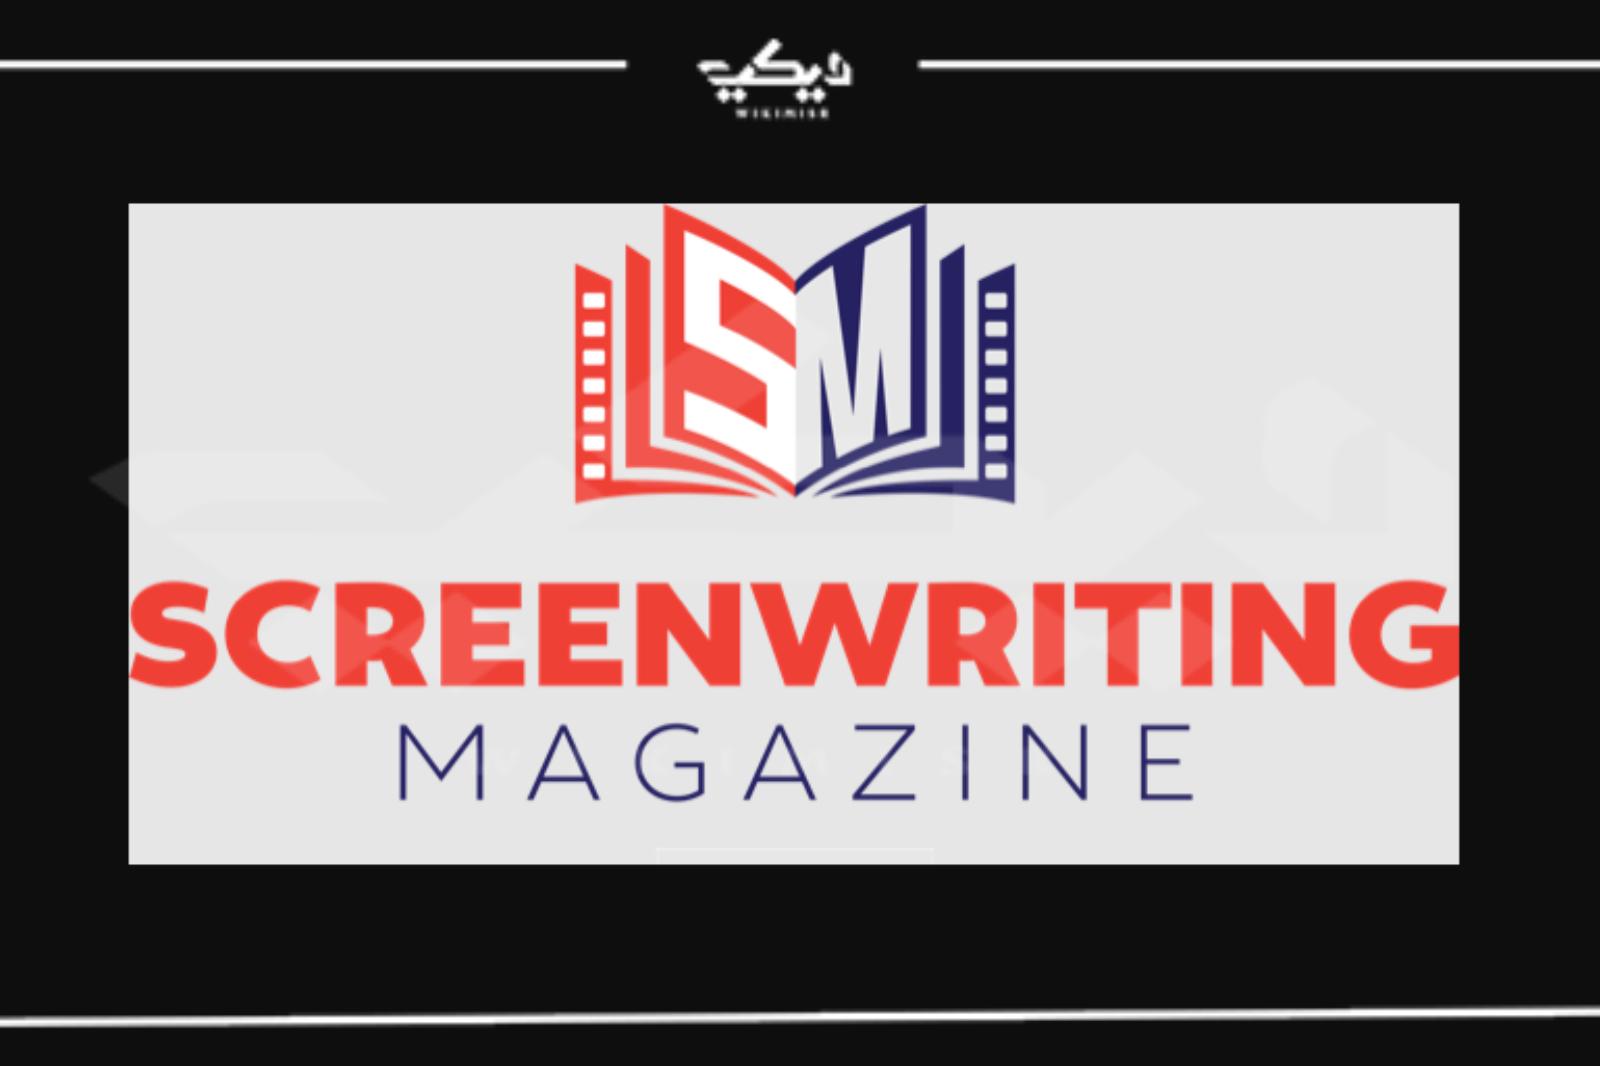 screenwriting magazine